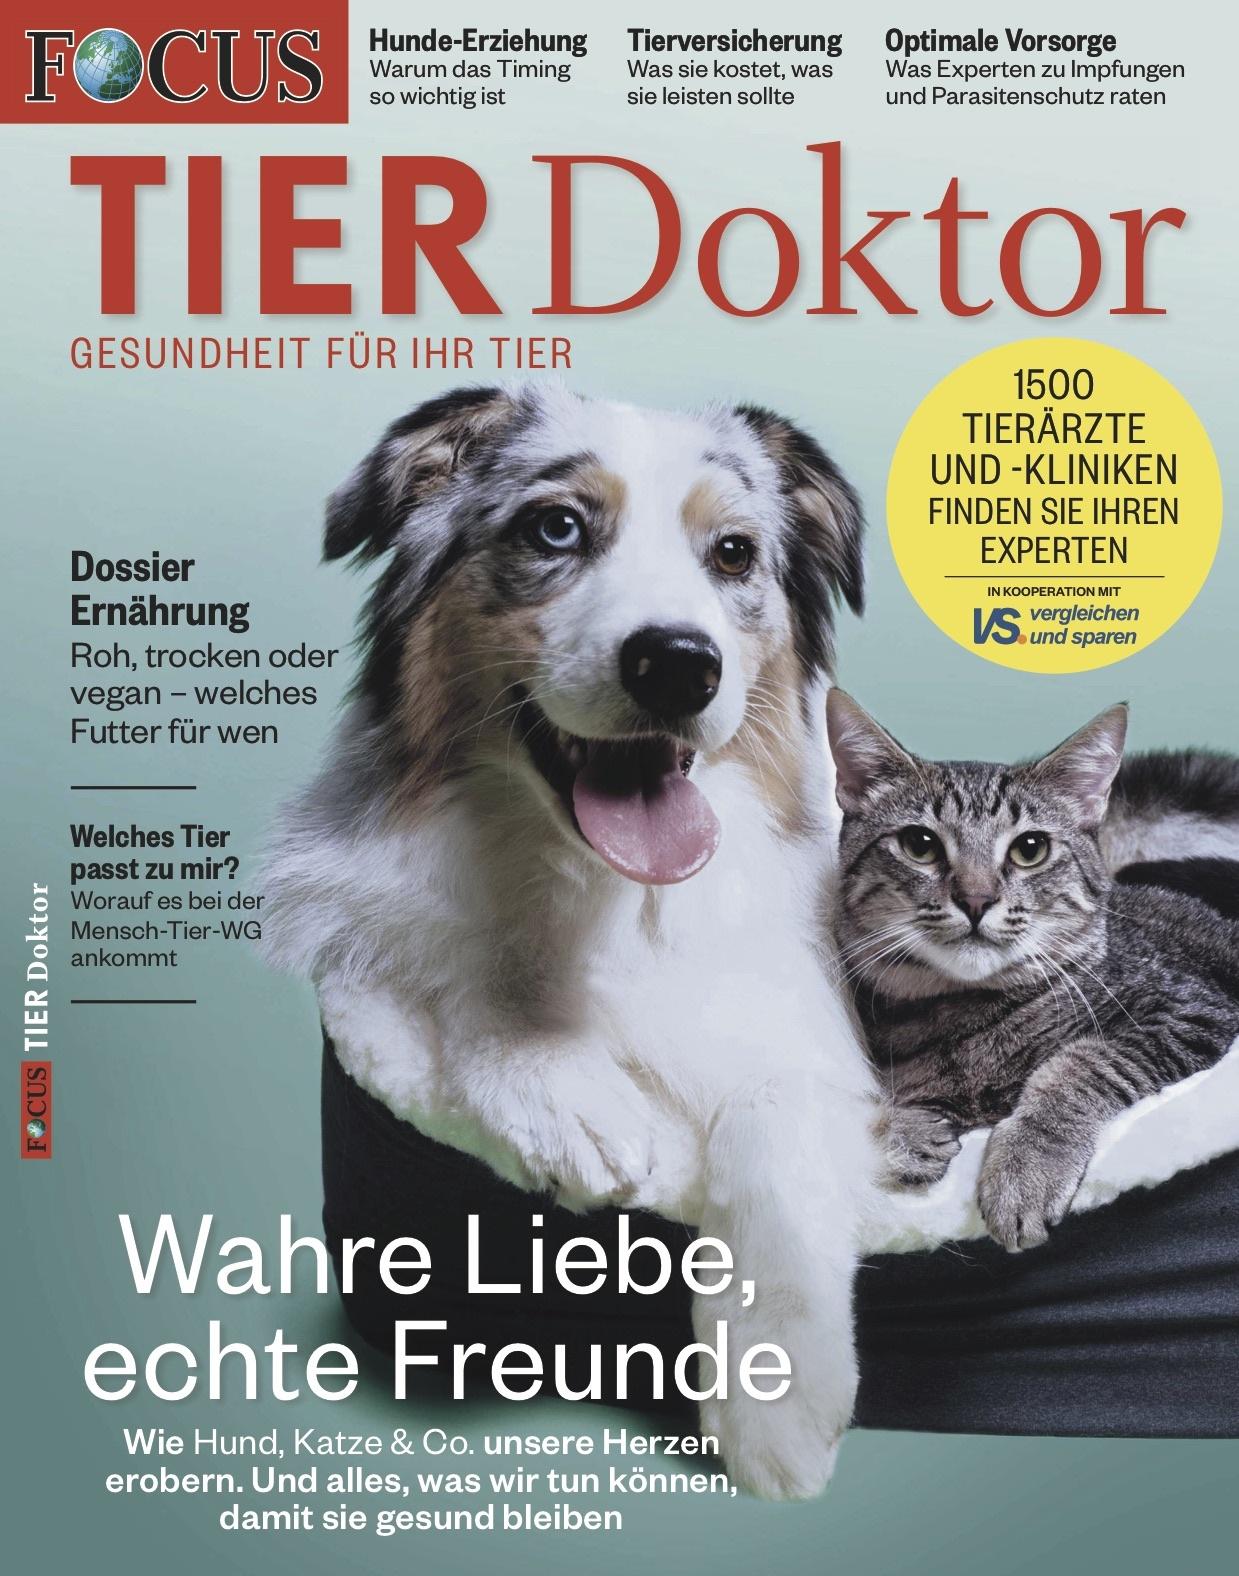 FOCUS-SPEZIAL FOCUS Spezial - Tierdoktor